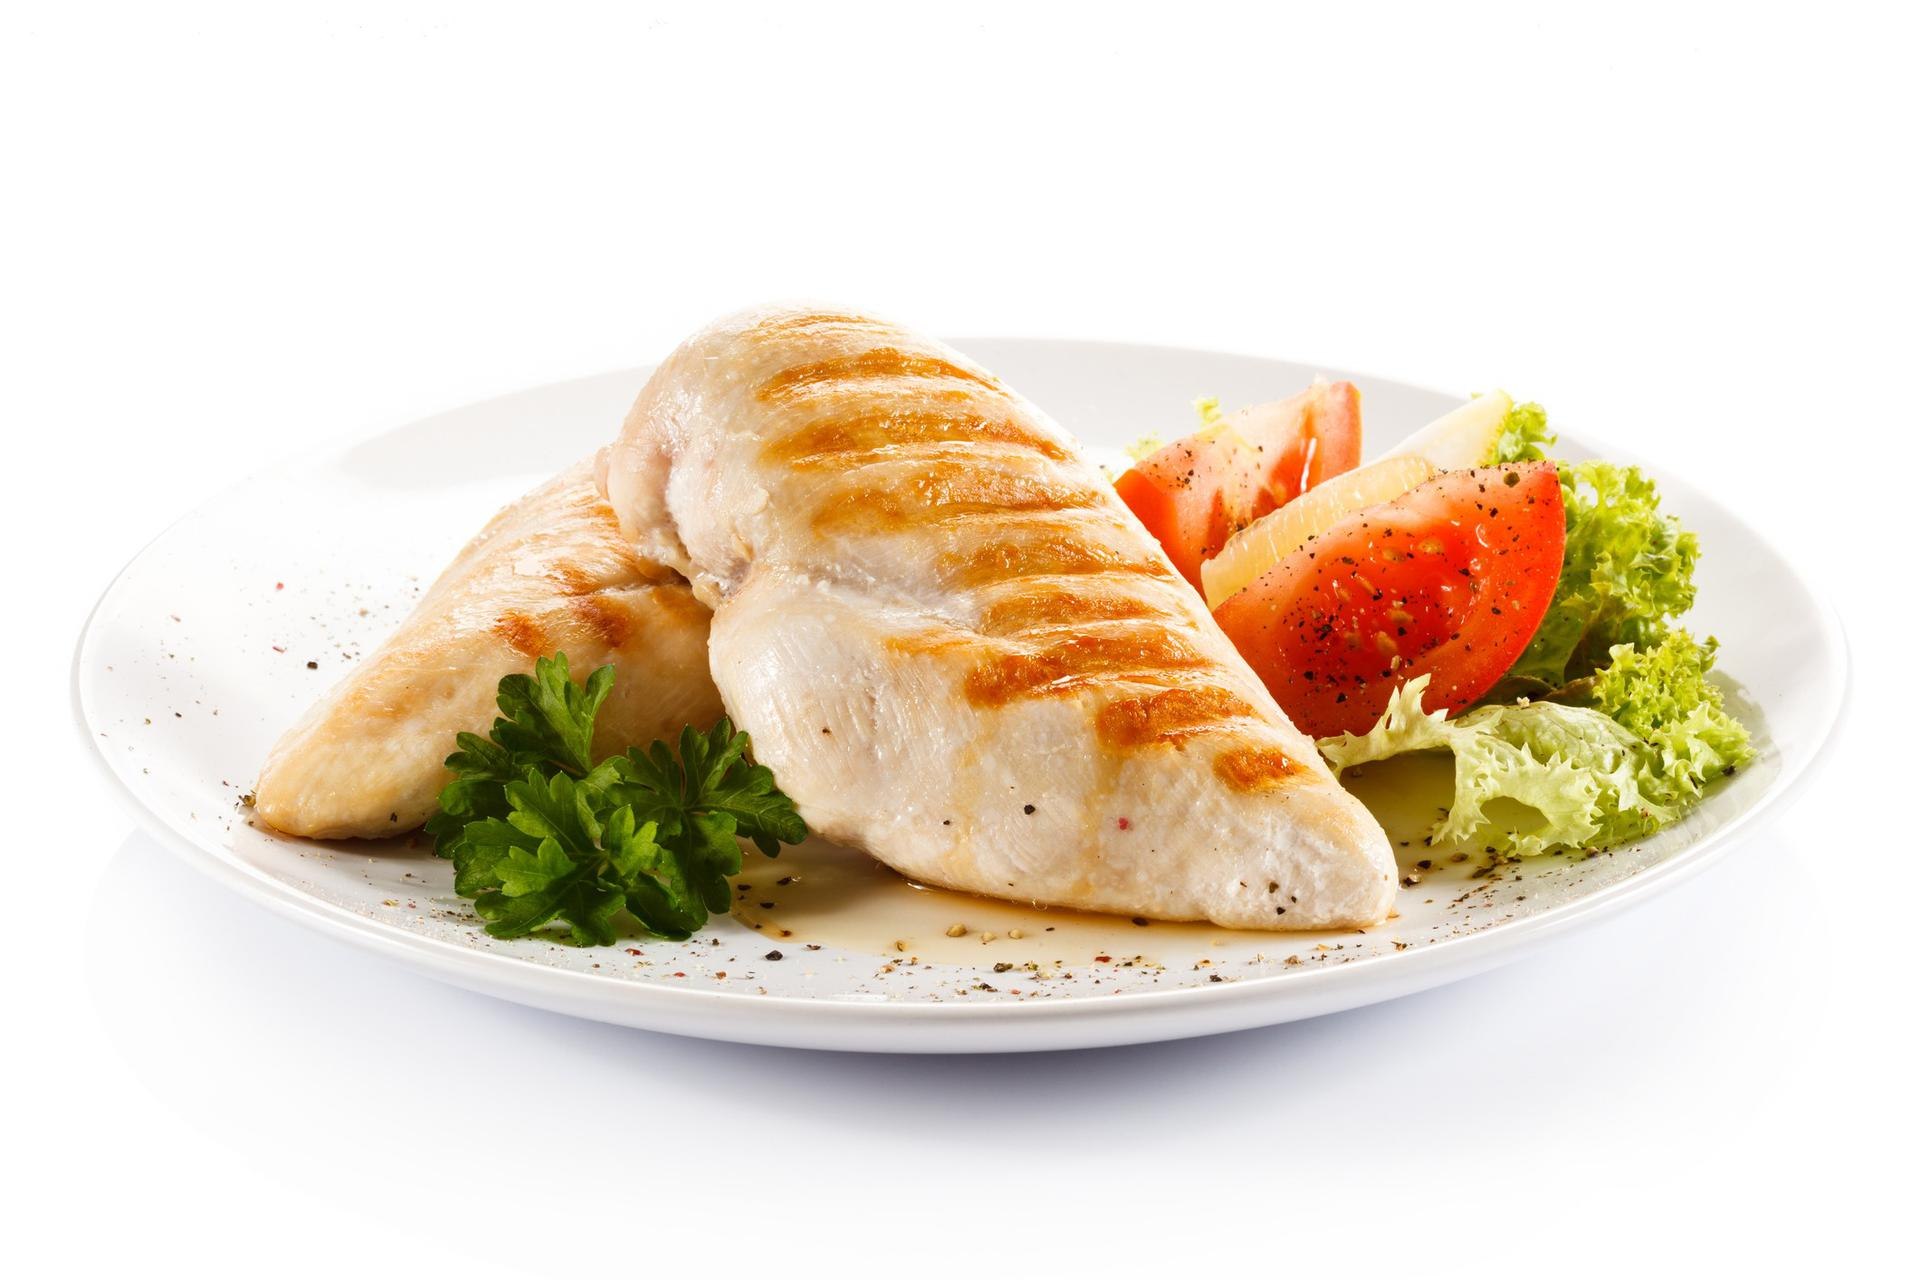 Dieta Lekkostrawna Jadlospis Na Tydzien 7 Dni Poradnikzdrowie Pl